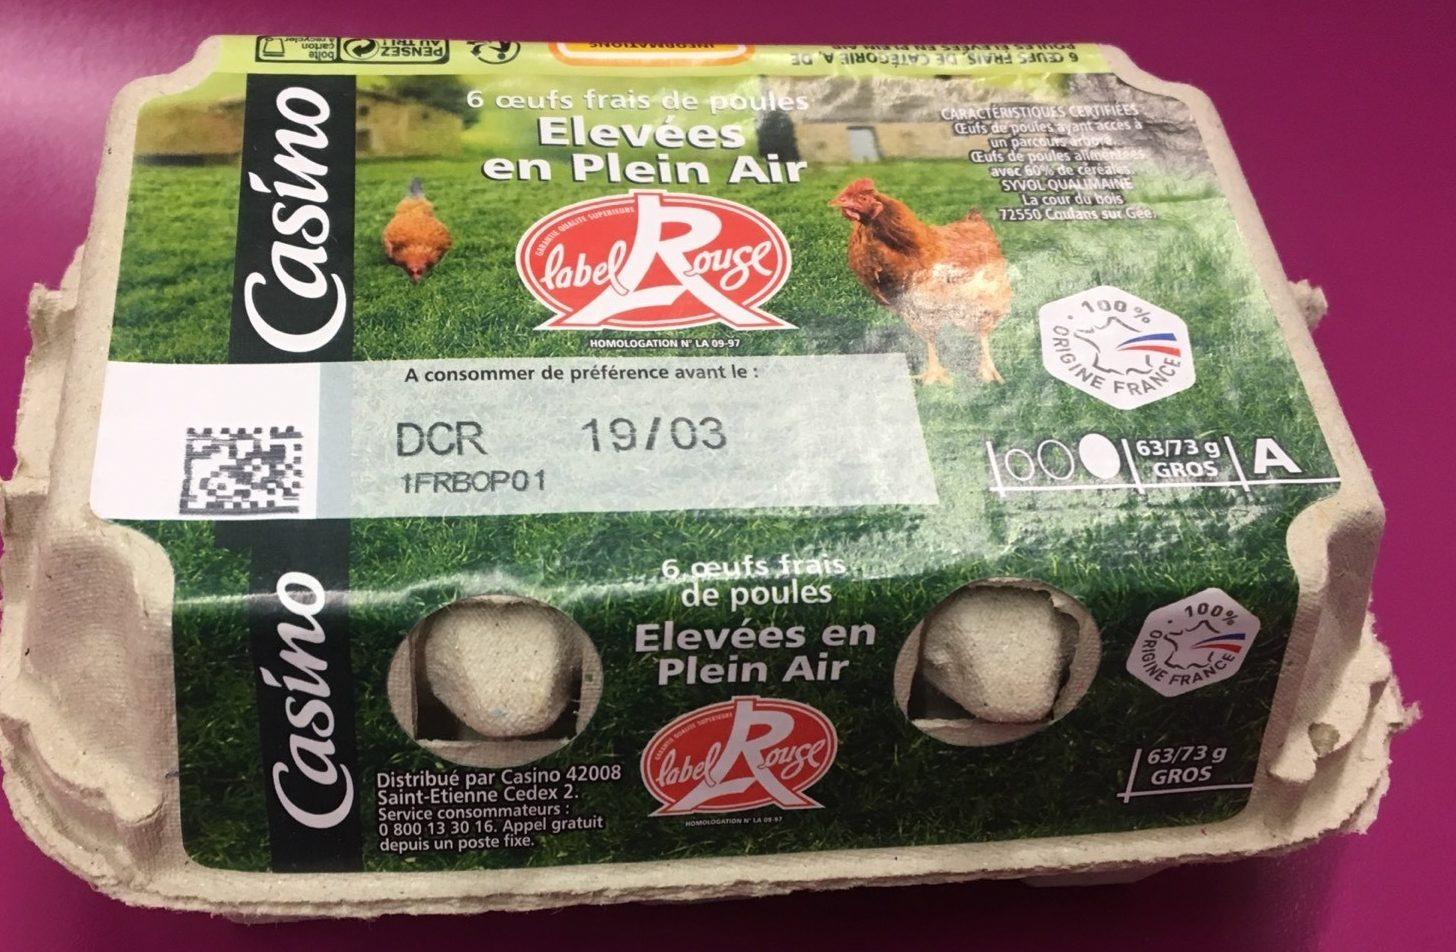 6 Oeufs frais de poules élevées en plein air - gros - Product - fr